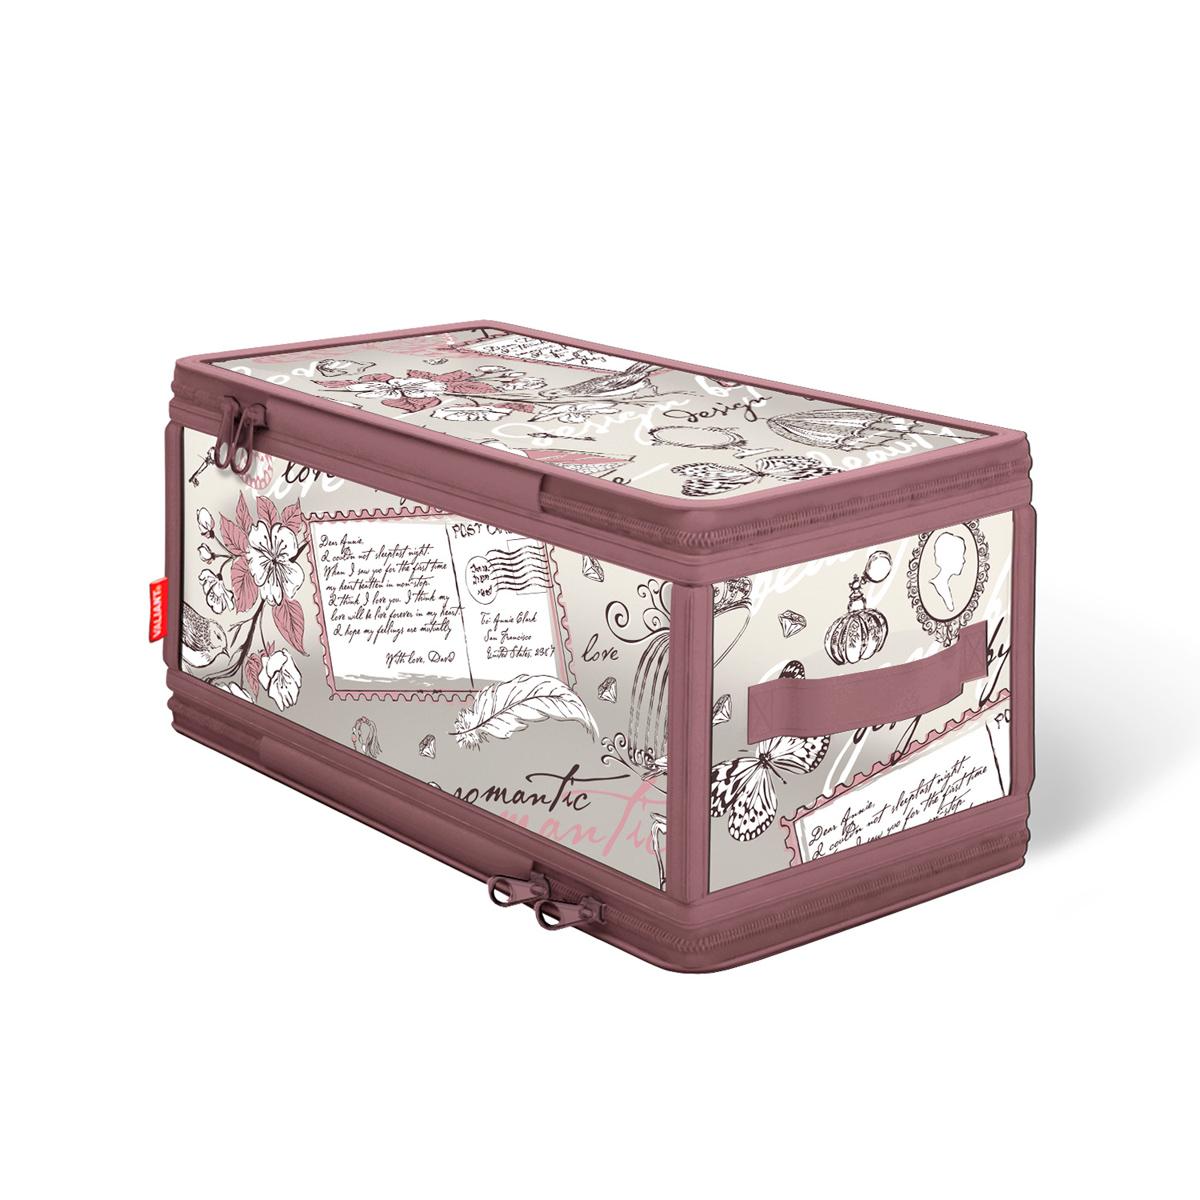 Кофр для хранения Valiant Romantic, с застежкой-молнией, 30 х 15 х 15 смRM-ZIP-SКофр для хранения Valiant Romantic изготовлен из высококачественного полимерного материала. Кофр удобен в использовании: чтобы его сложить, достаточно застегнуть молнию. В сложенном виде занимает минимум места. В таком кофре удобно хранить белье и мелкие аксессуары. Система хранения Romantic создаст трогательную атмосферу романтического настроения в женском гардеробе. Оригинальный дизайн придется по вкусу ценительницам эстетичного хранения. Системы хранения в едином дизайне сделают вашу гардеробную изысканной и невероятно стильной.